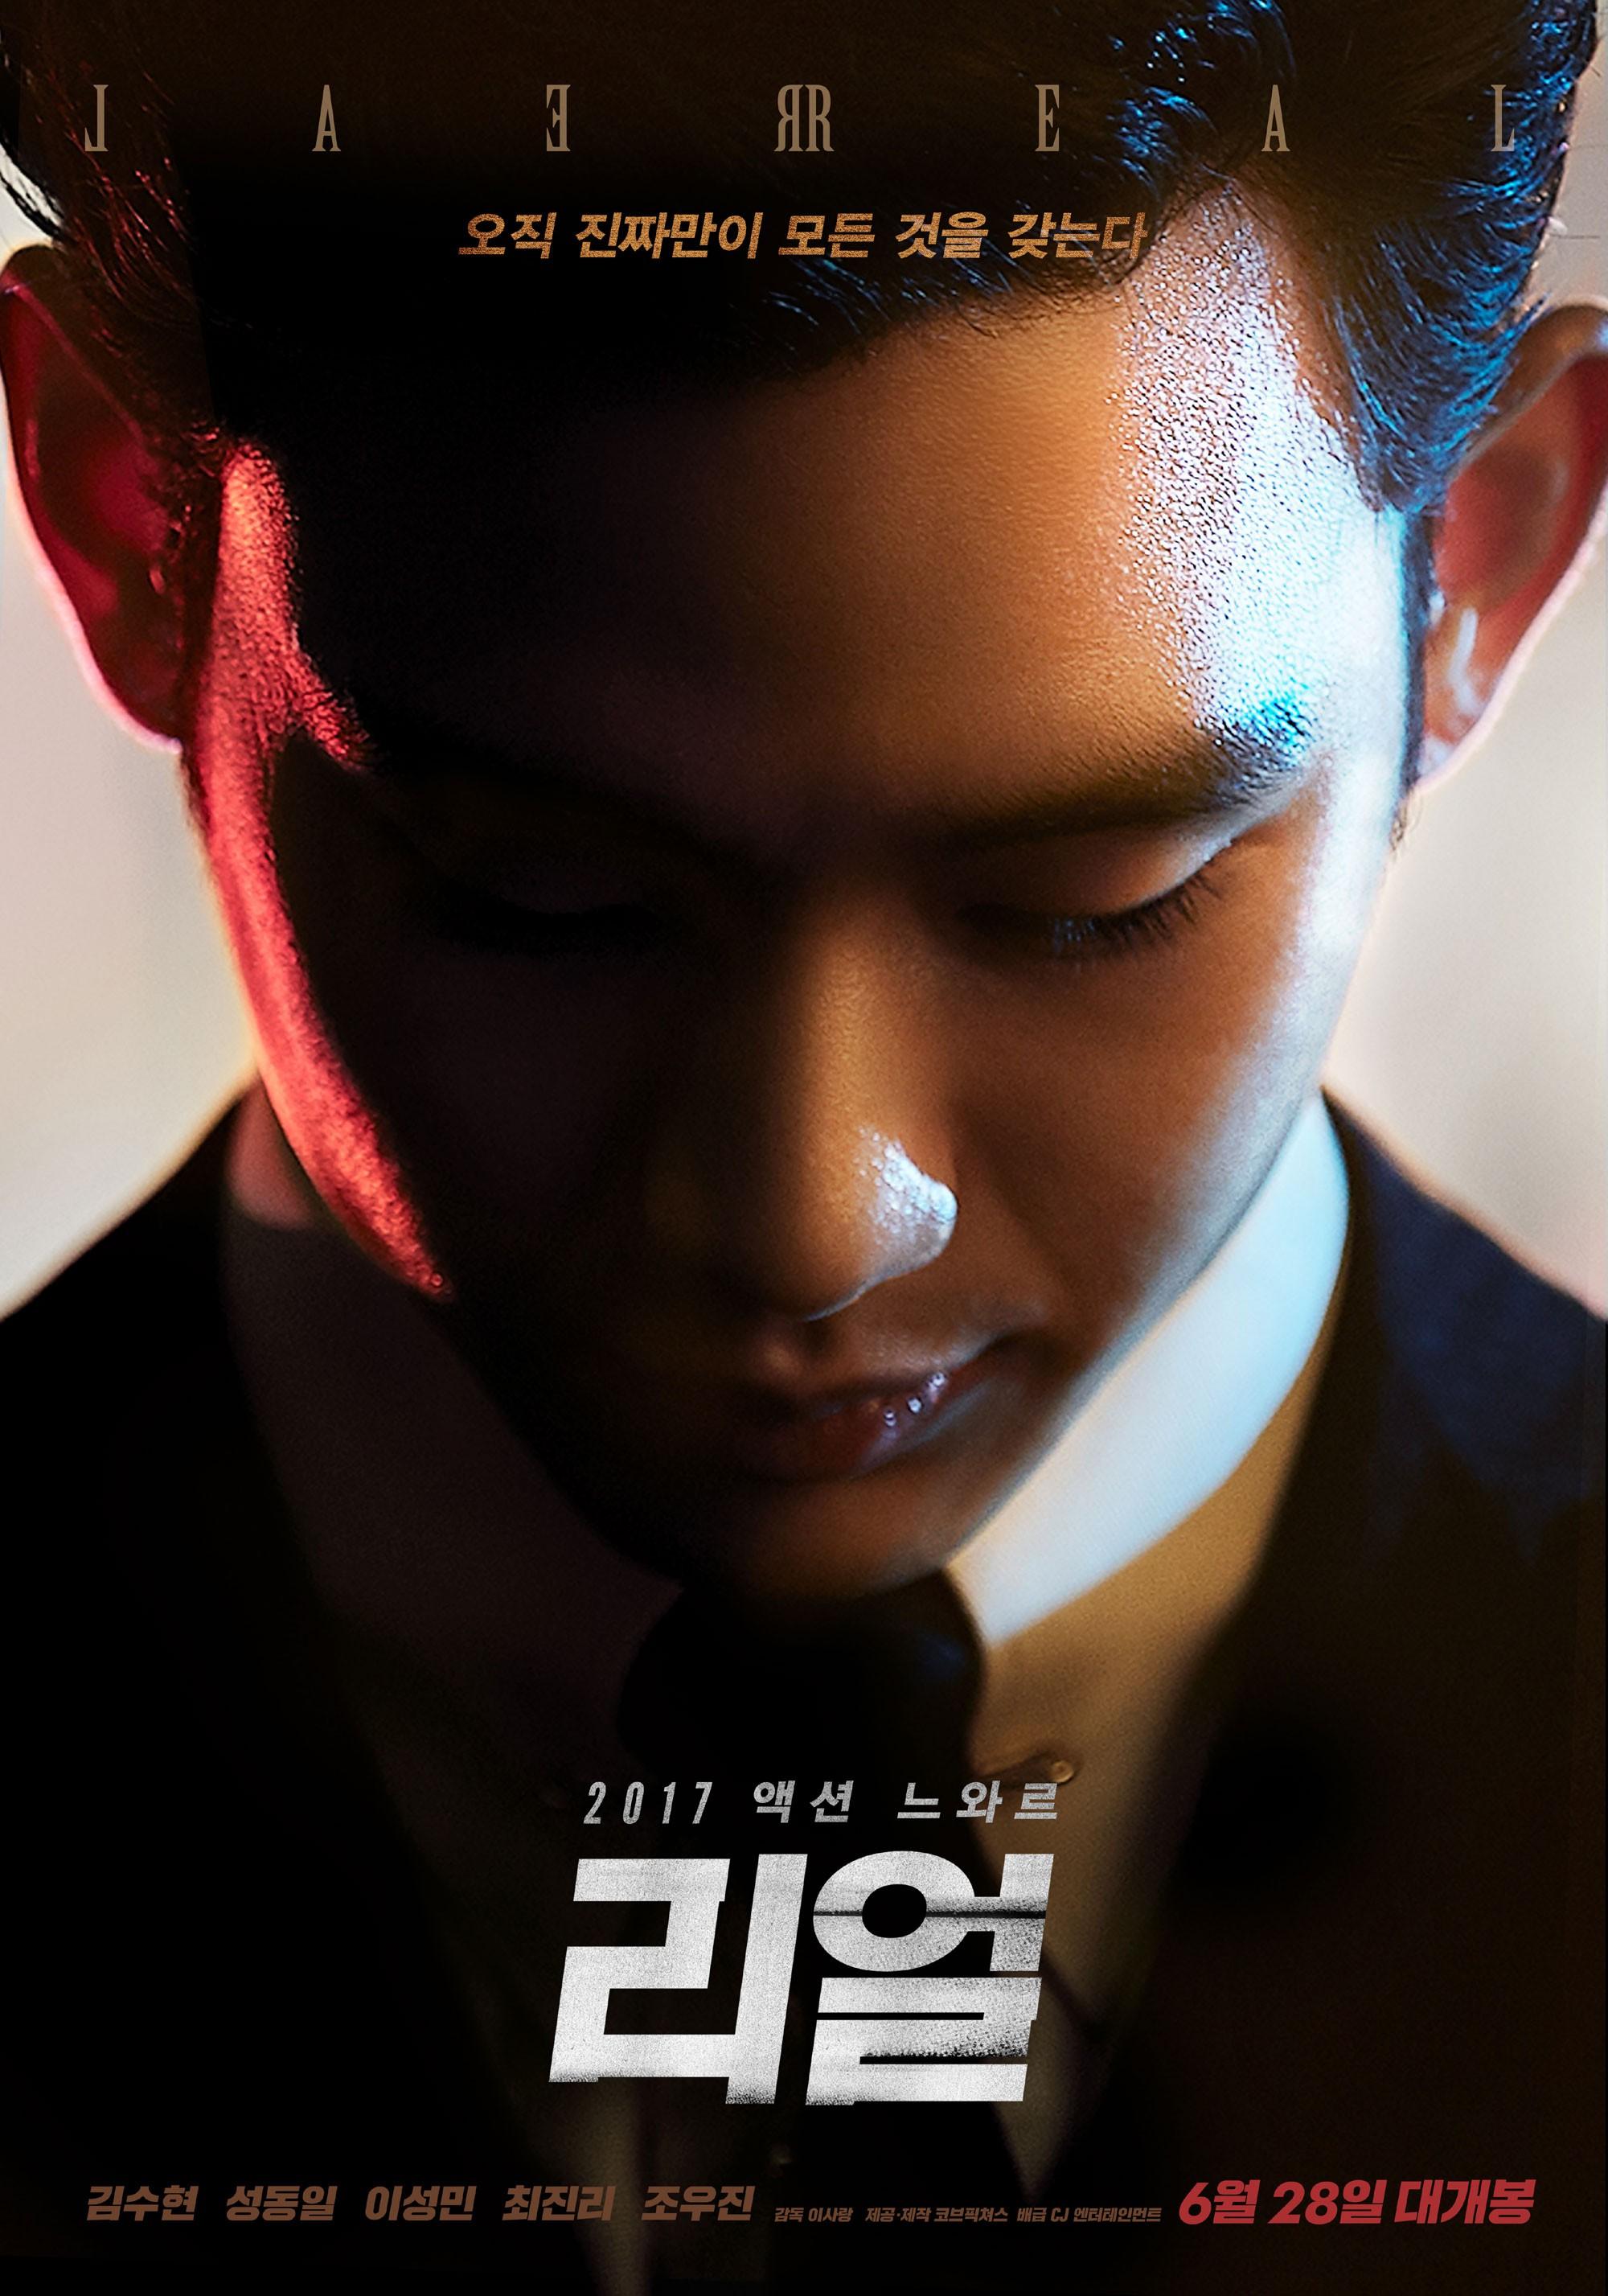 4200 người đã phải chọi nhau tóe khói chỉ để được đóng cảnh nóng này với Kim Soo Hyun - Ảnh 5.